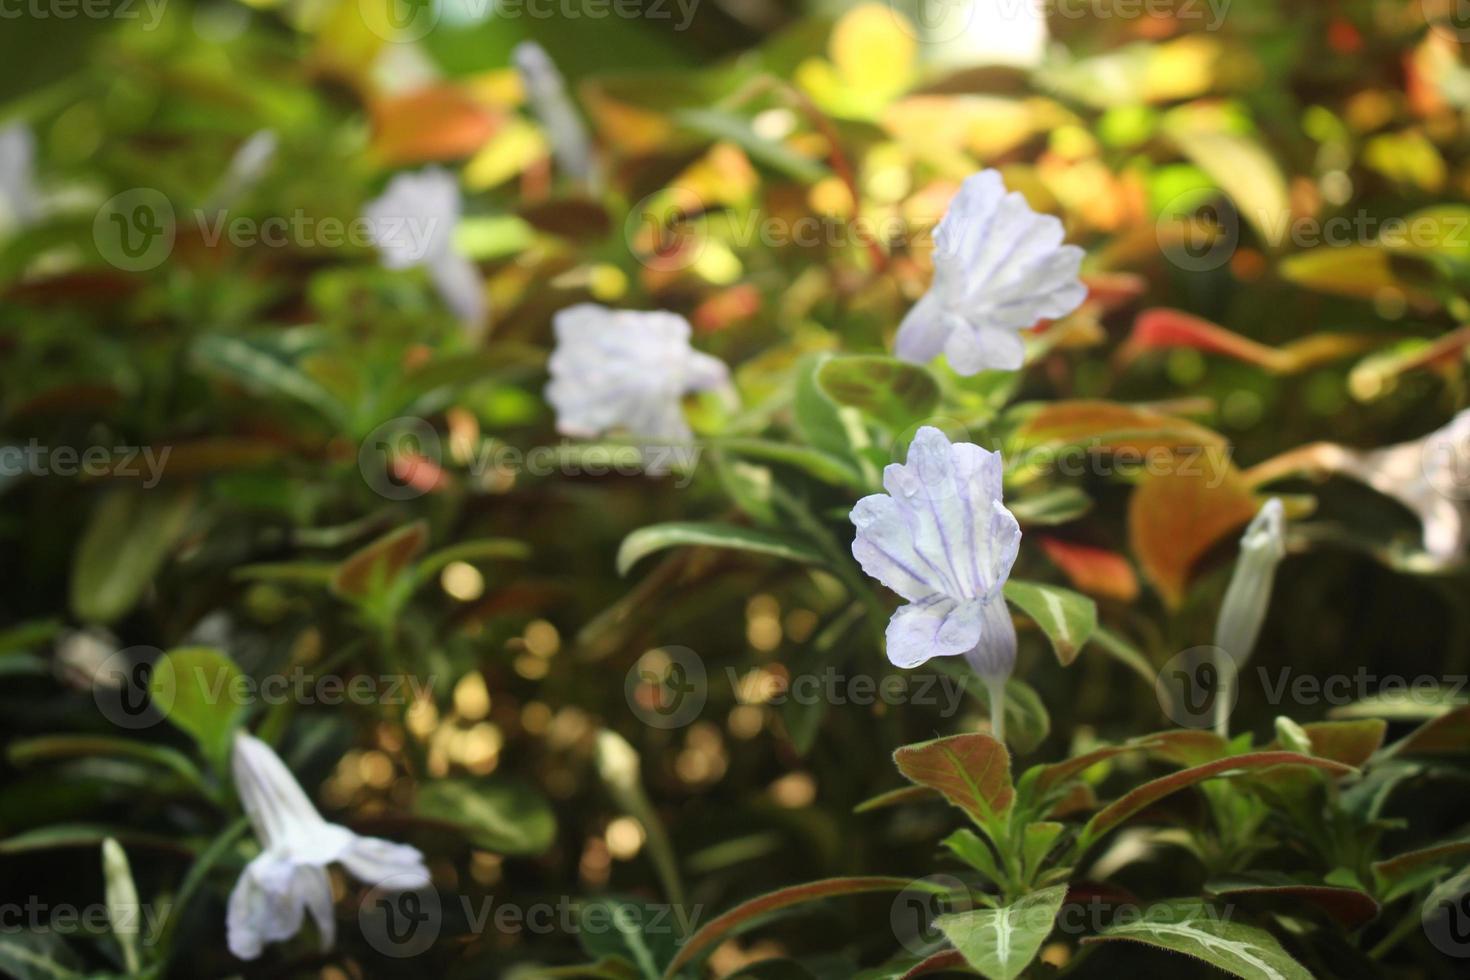 mooie wit / paarse bloemen met wazige pagina foto